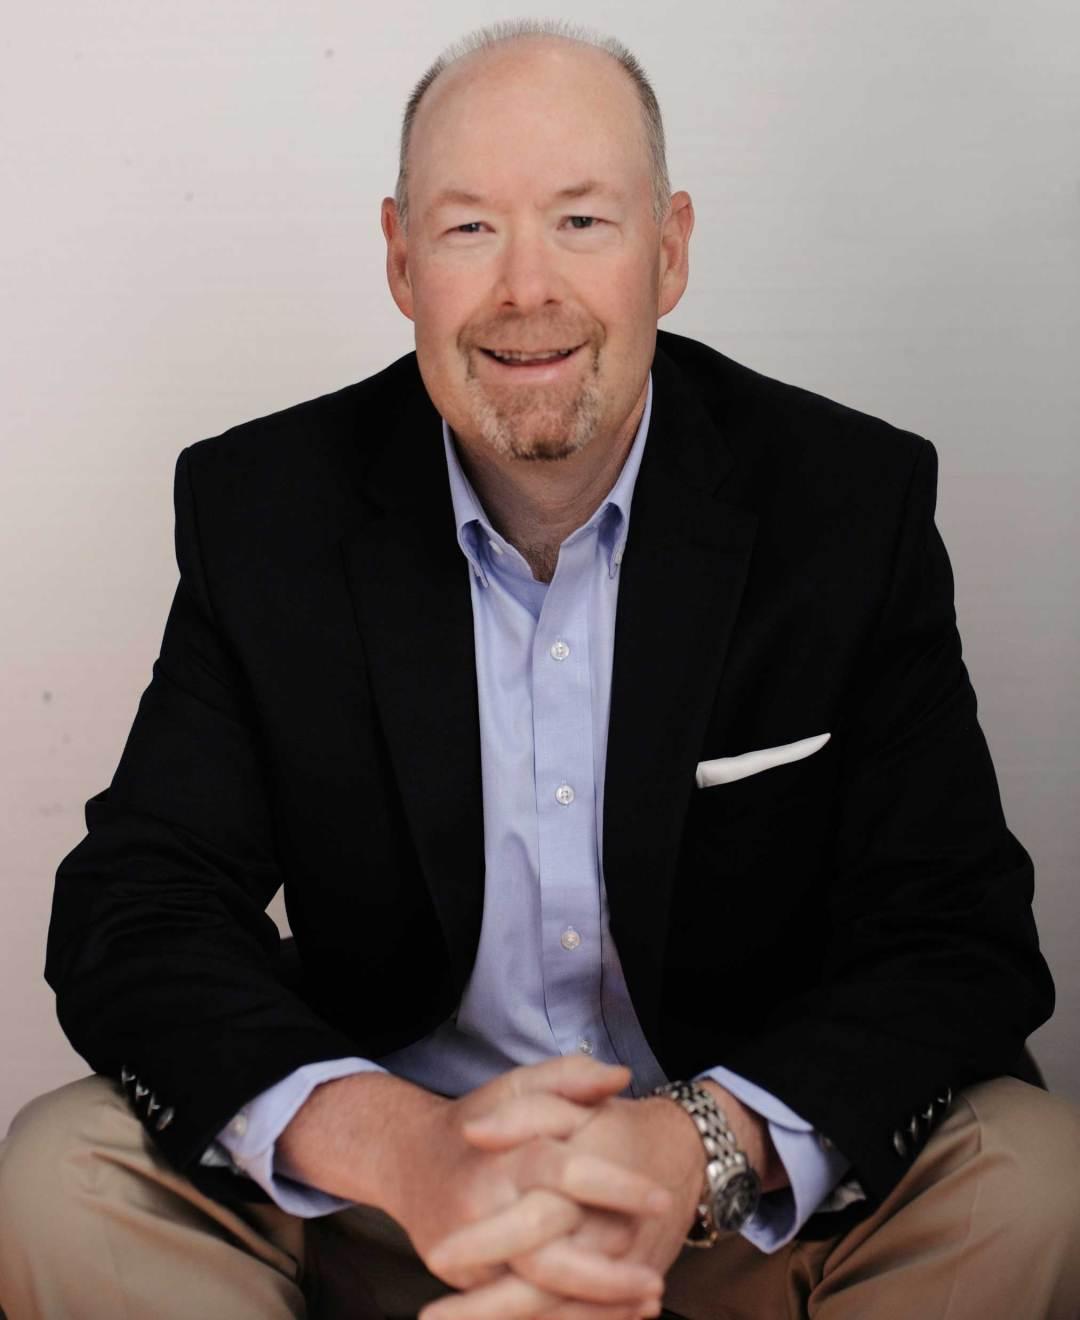 Steve Tobiason